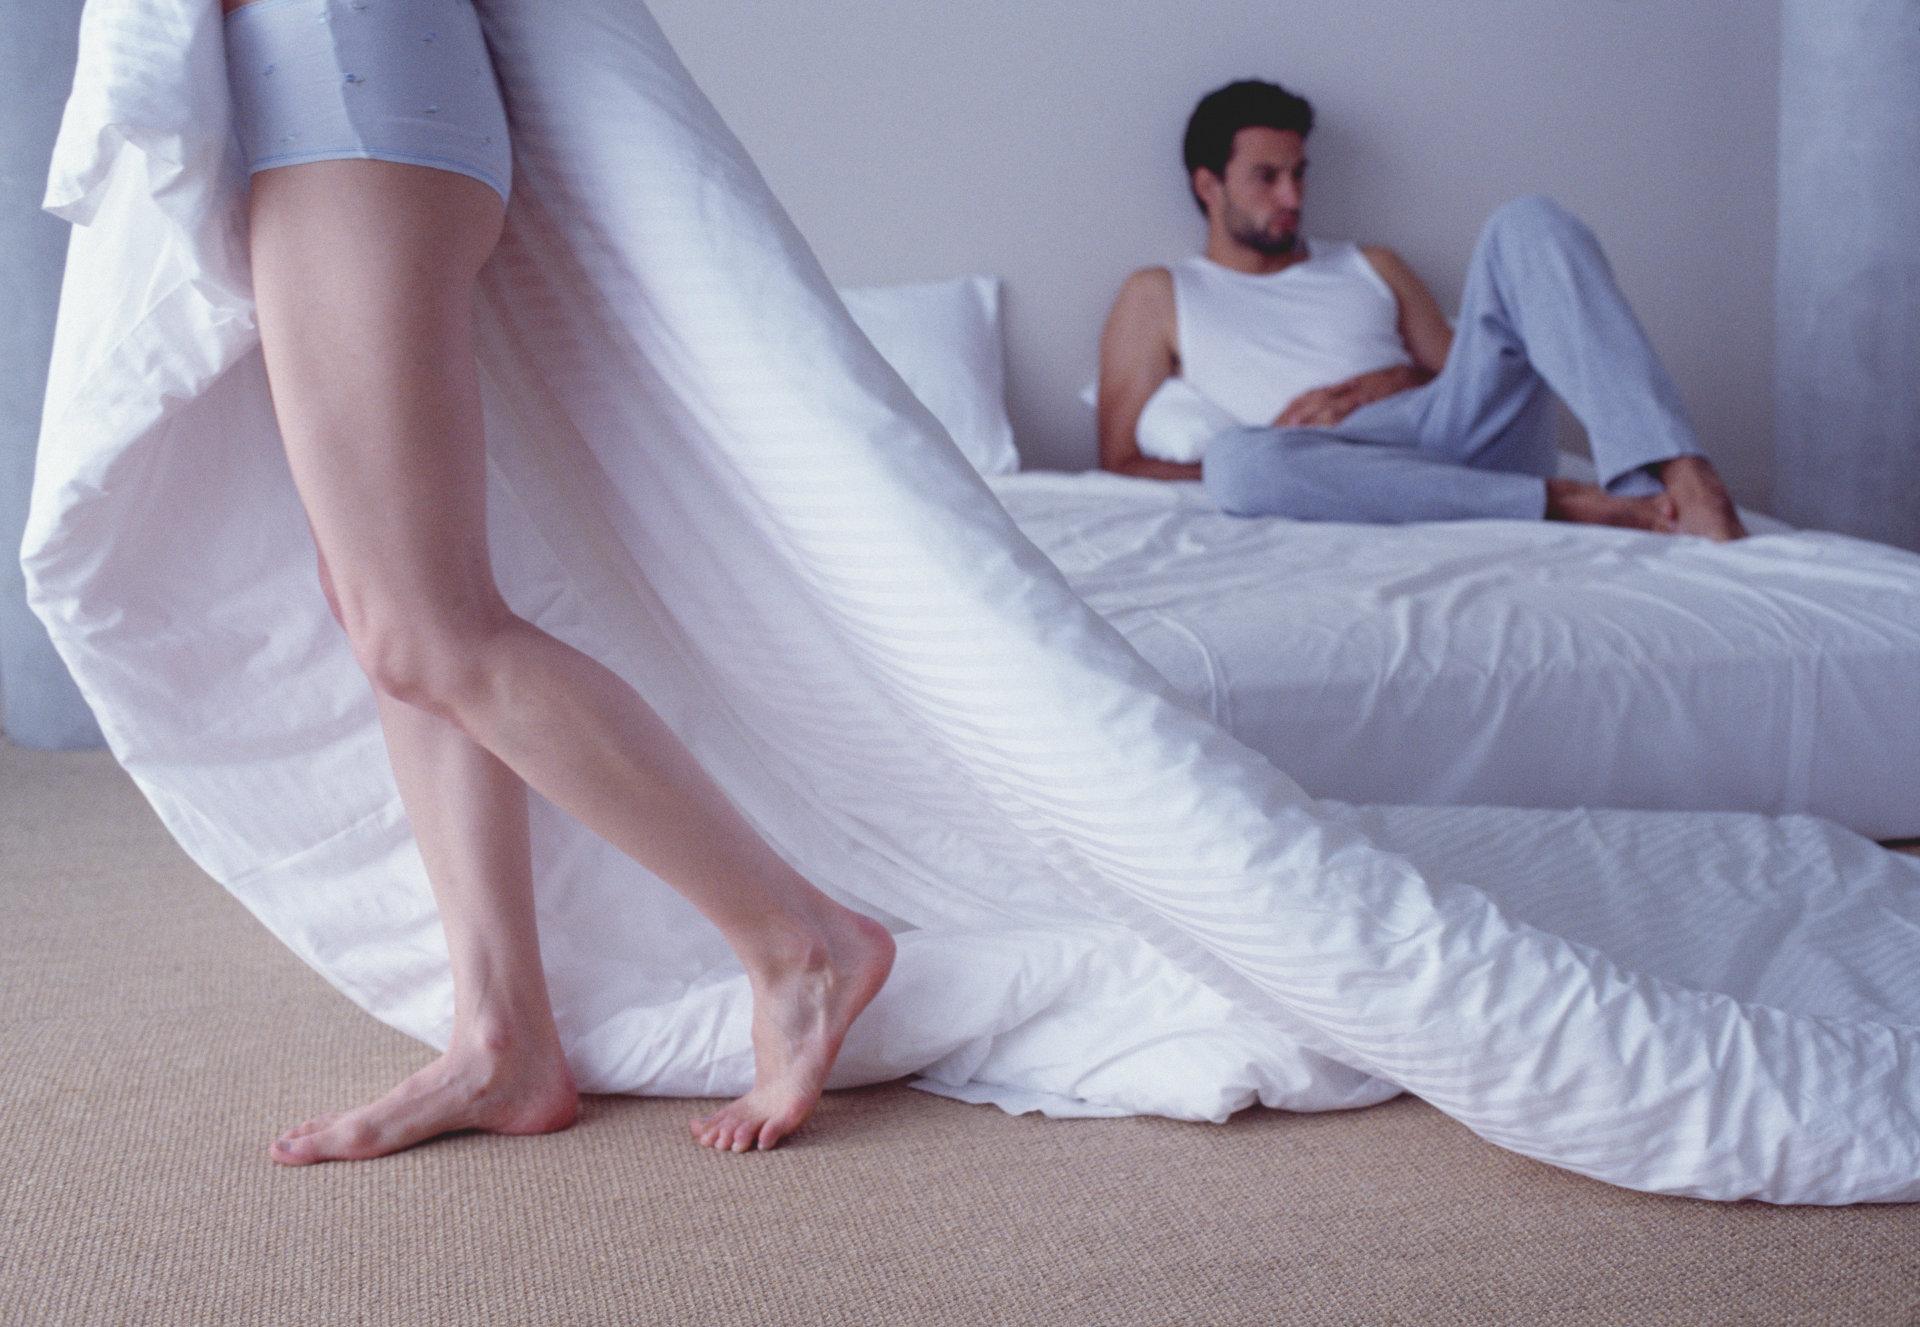 kas gali sukelti blogą erekciją ar galima padidinti varpą natūraliai